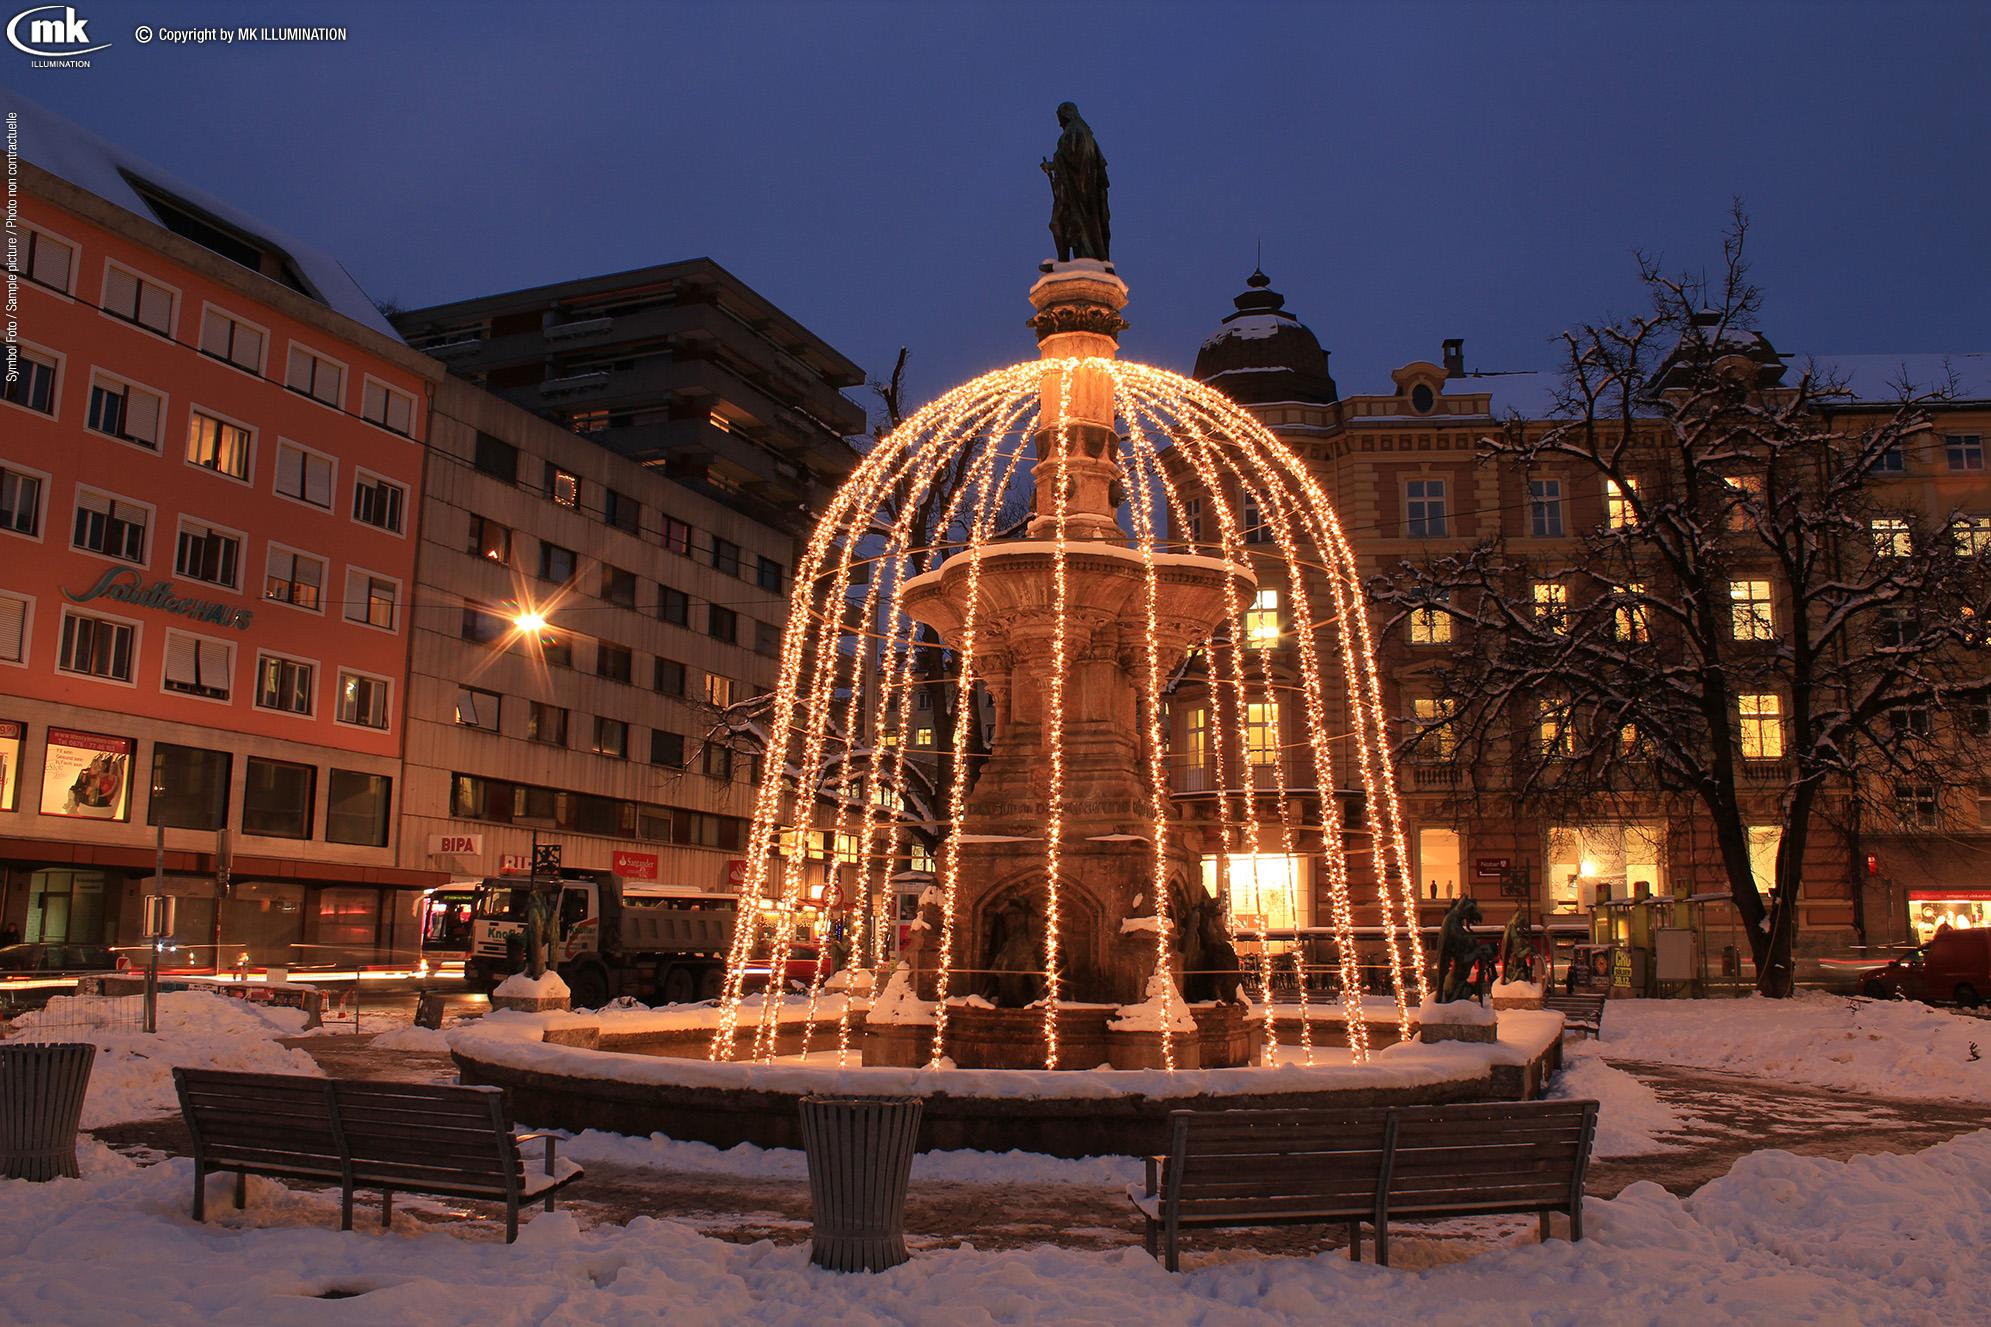 at_Innsbruck Bozner Platz_Rudolfsbrunnen_city_IMG_1758